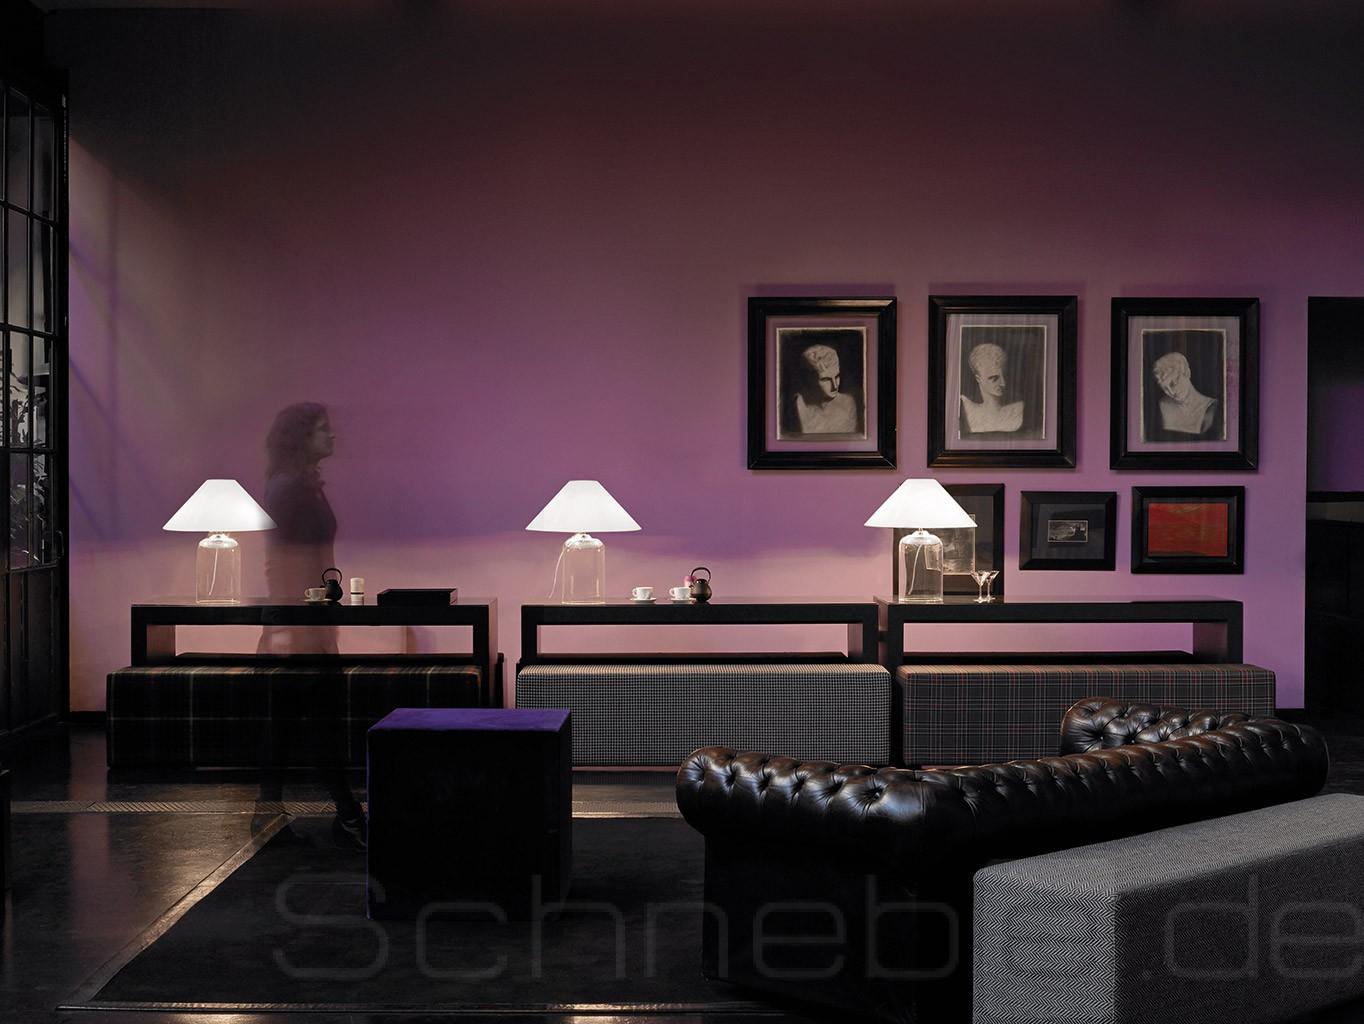 vistosi alega tischleuchte. Black Bedroom Furniture Sets. Home Design Ideas